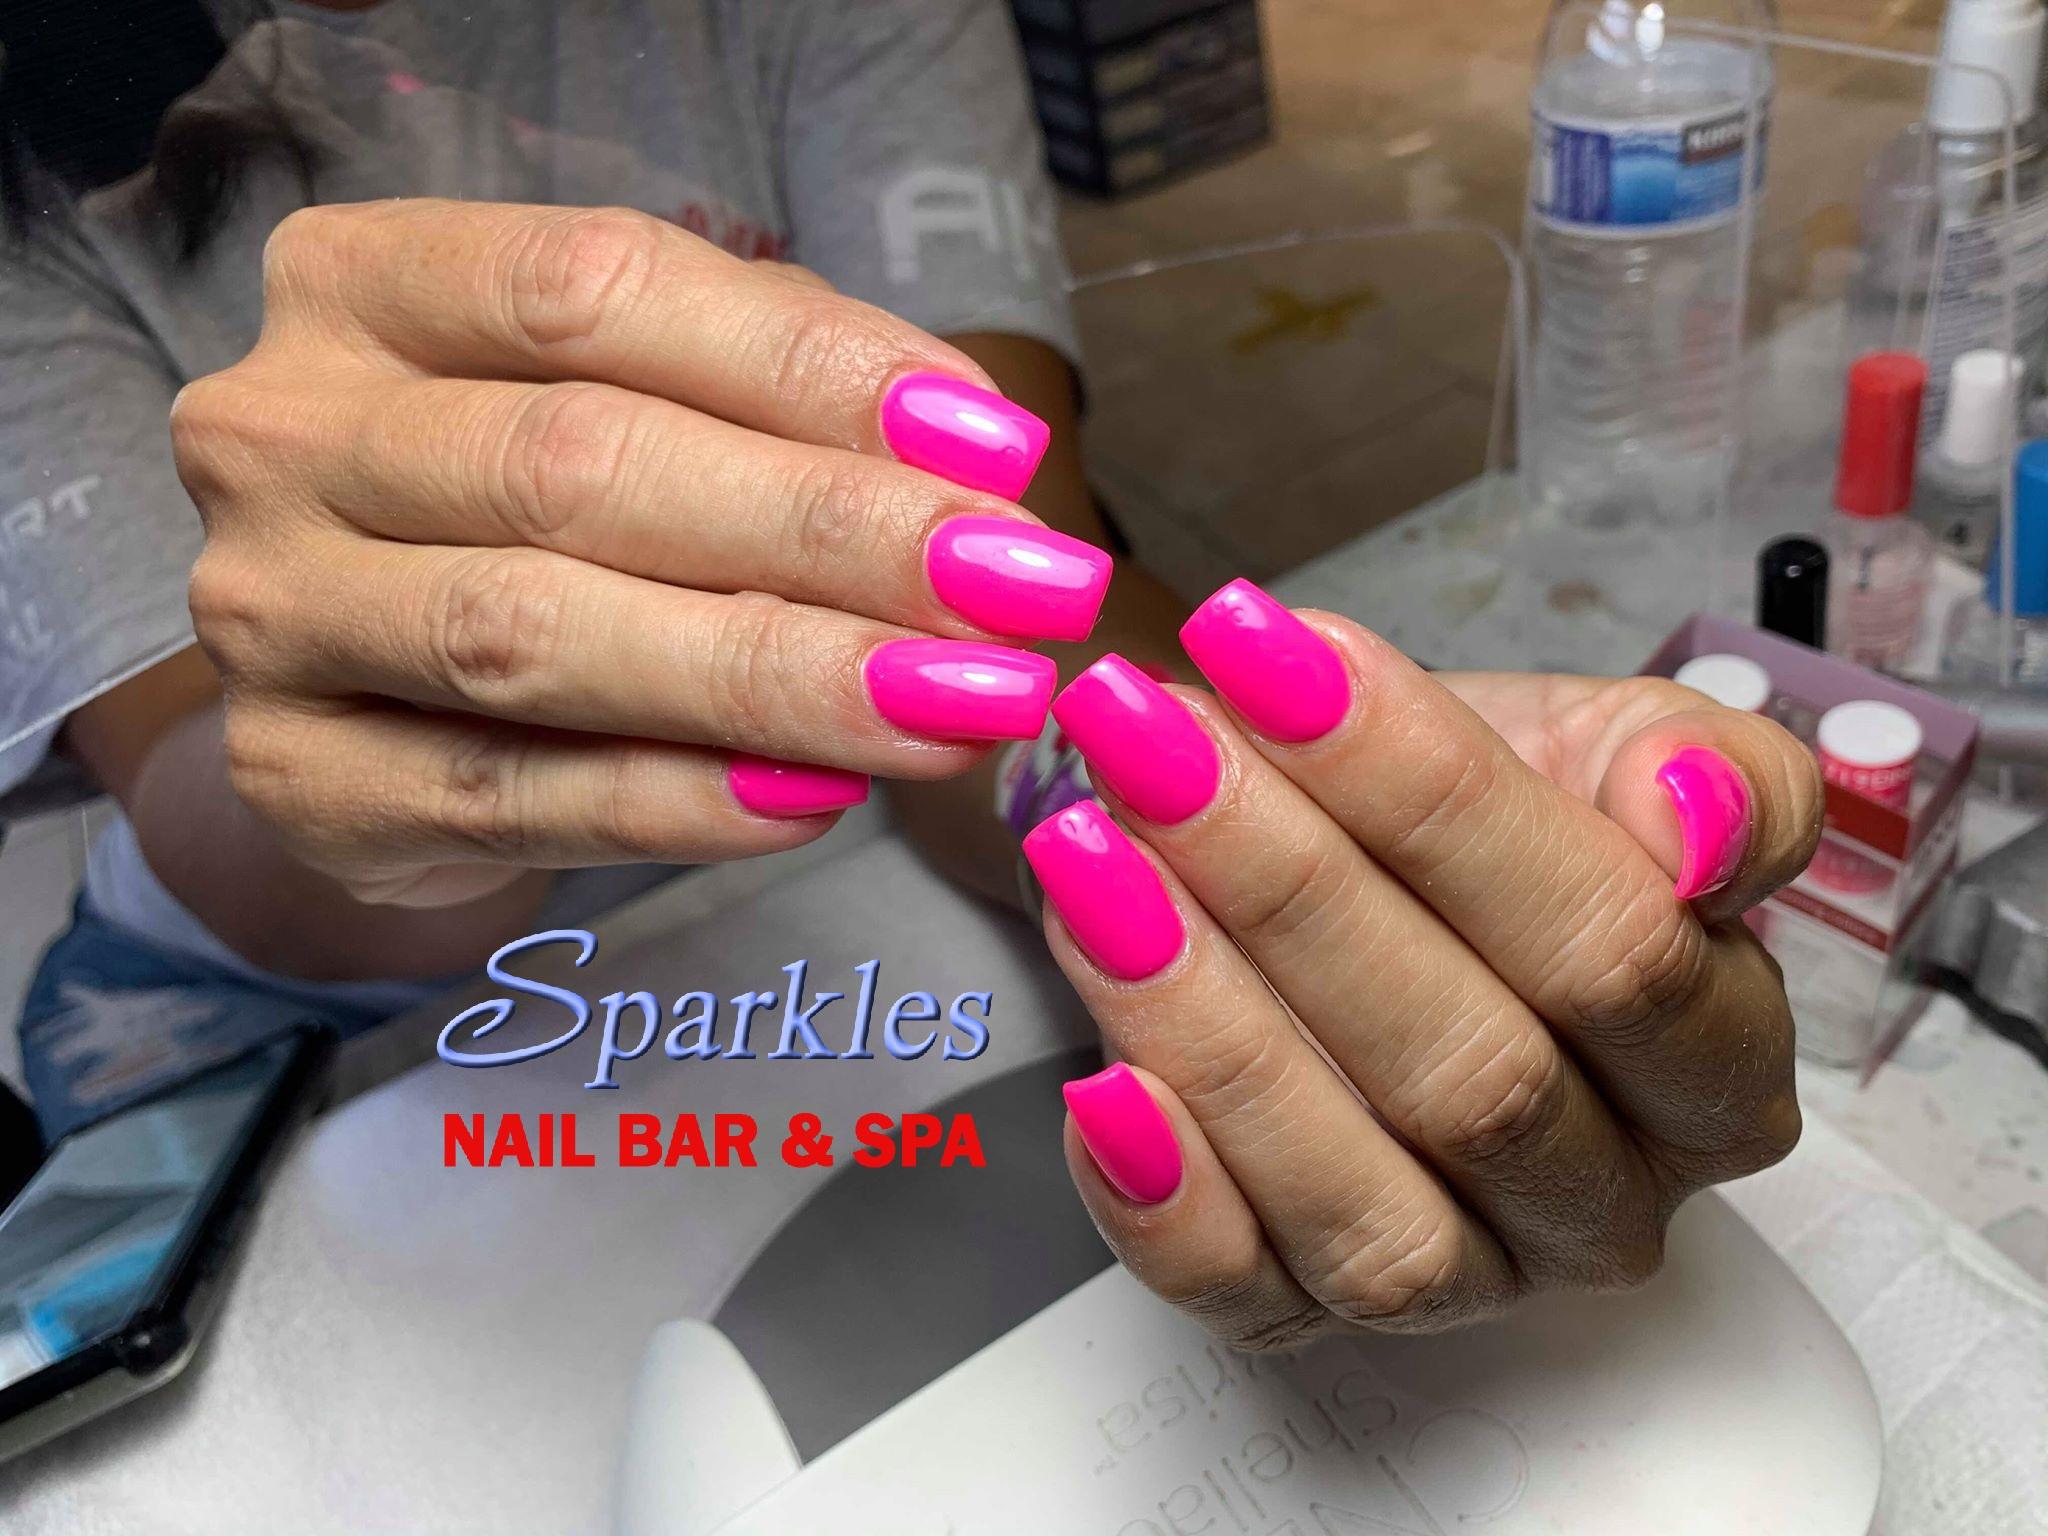 Sparkles Nail Bar & Spa, San Antonio TX 78258